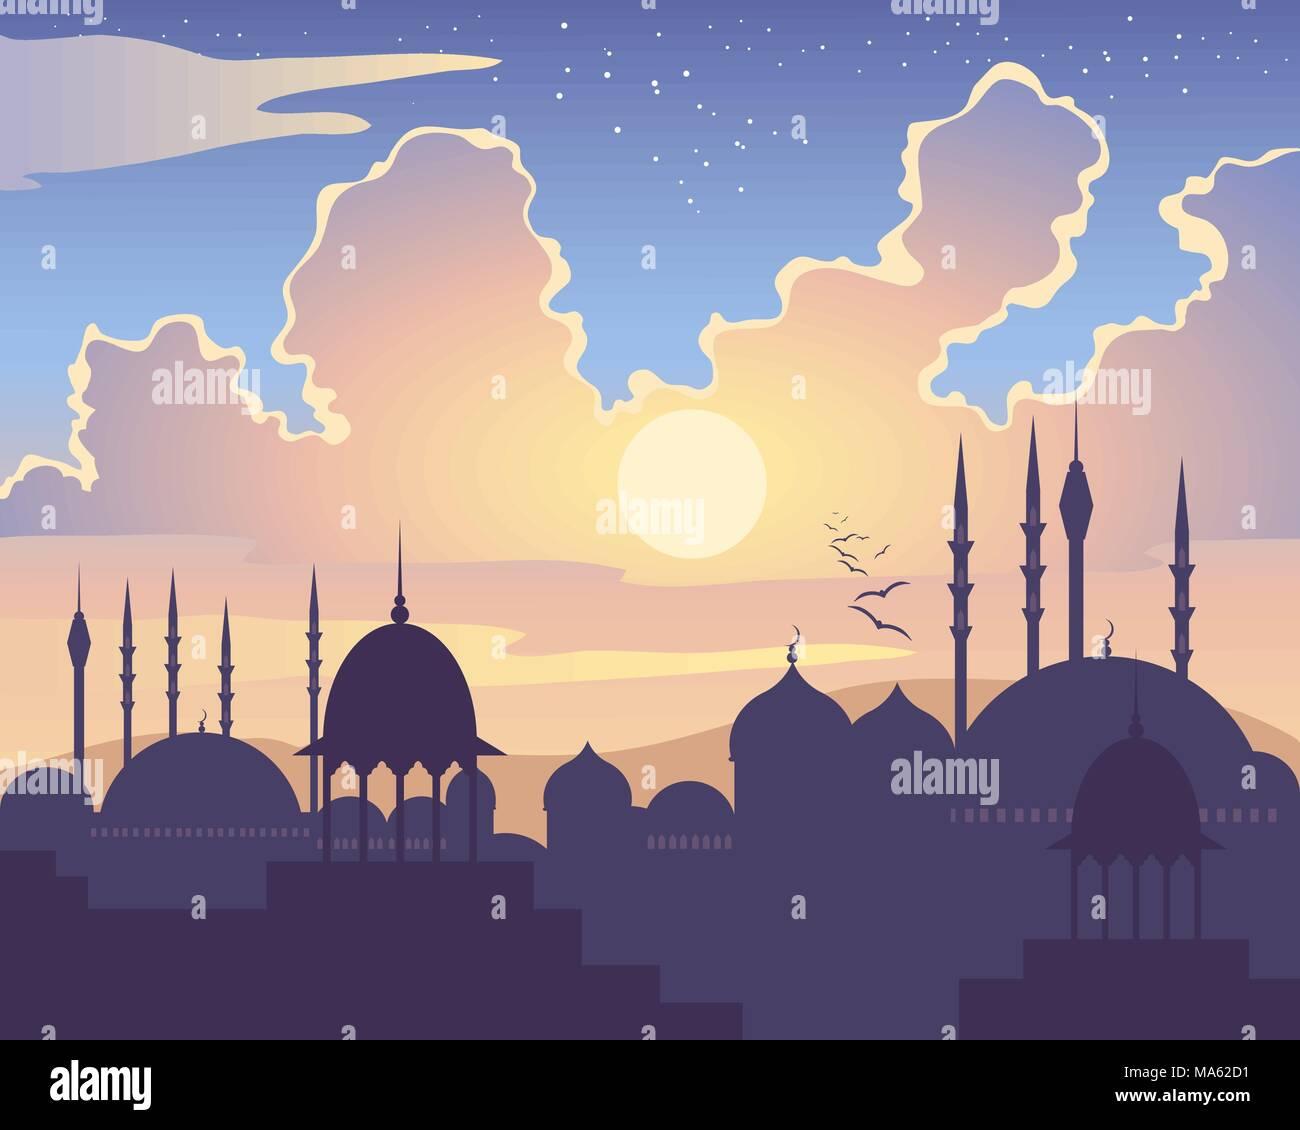 Una illustrazione vettoriale in formato eps formato 10 di un islamico skyline al tramonto con architettura asiatica moschee cupole e minareti sotto un variopinto cielo stellato Immagini Stock